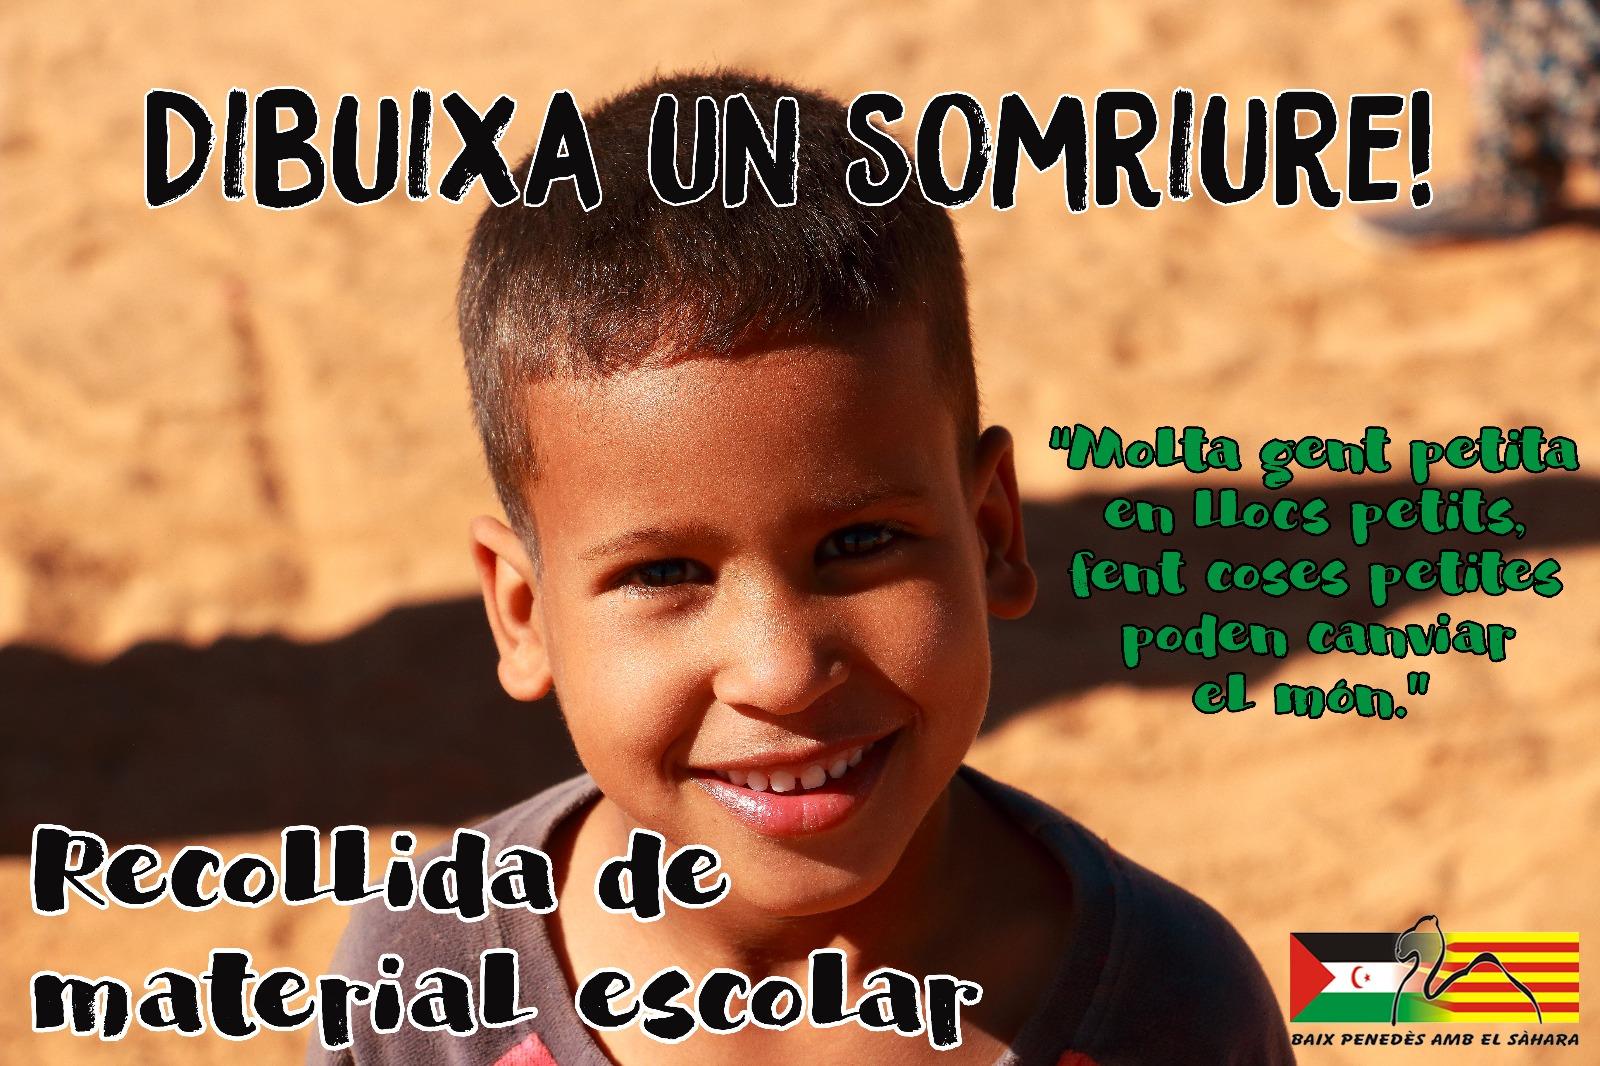 La Biblioteca Pública participa en la campanya de recollida de material escolar per als nens saharauís